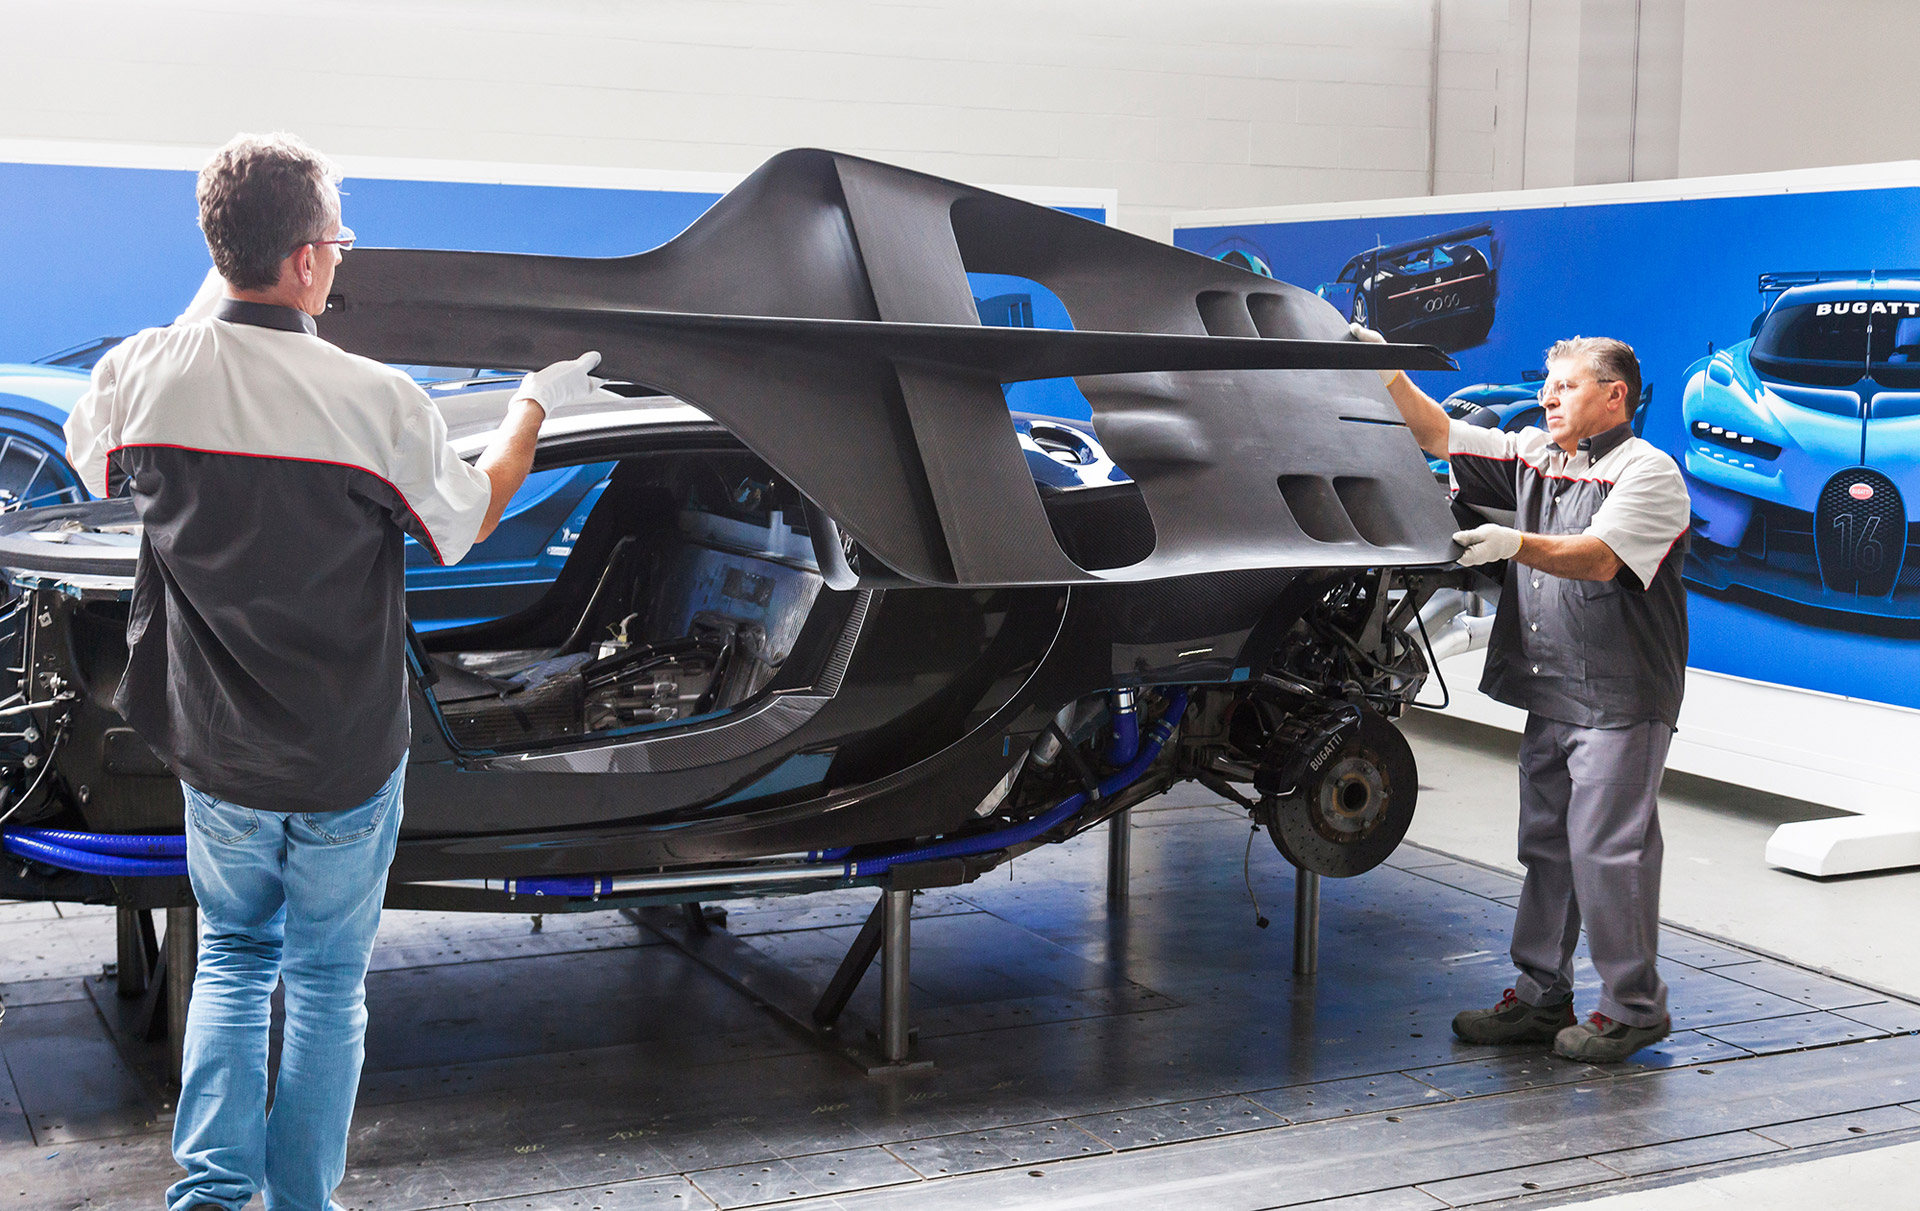 The Making Of Bugatti's Vision Gran Turismo Concept: Video on bugatti cop, bugatti hover car, bugatti phone, bugatti driving, bugatti with girls, bugatti vitesse, bugatti atv, bugatti royale, bugatti 4 door, bugatti type 13, bugatti diablo, bugatti sport, bugatti motorcycle, bugatti design, bugatti w engine, bugatti eb, bugatti concept cars, bugatti type 101,